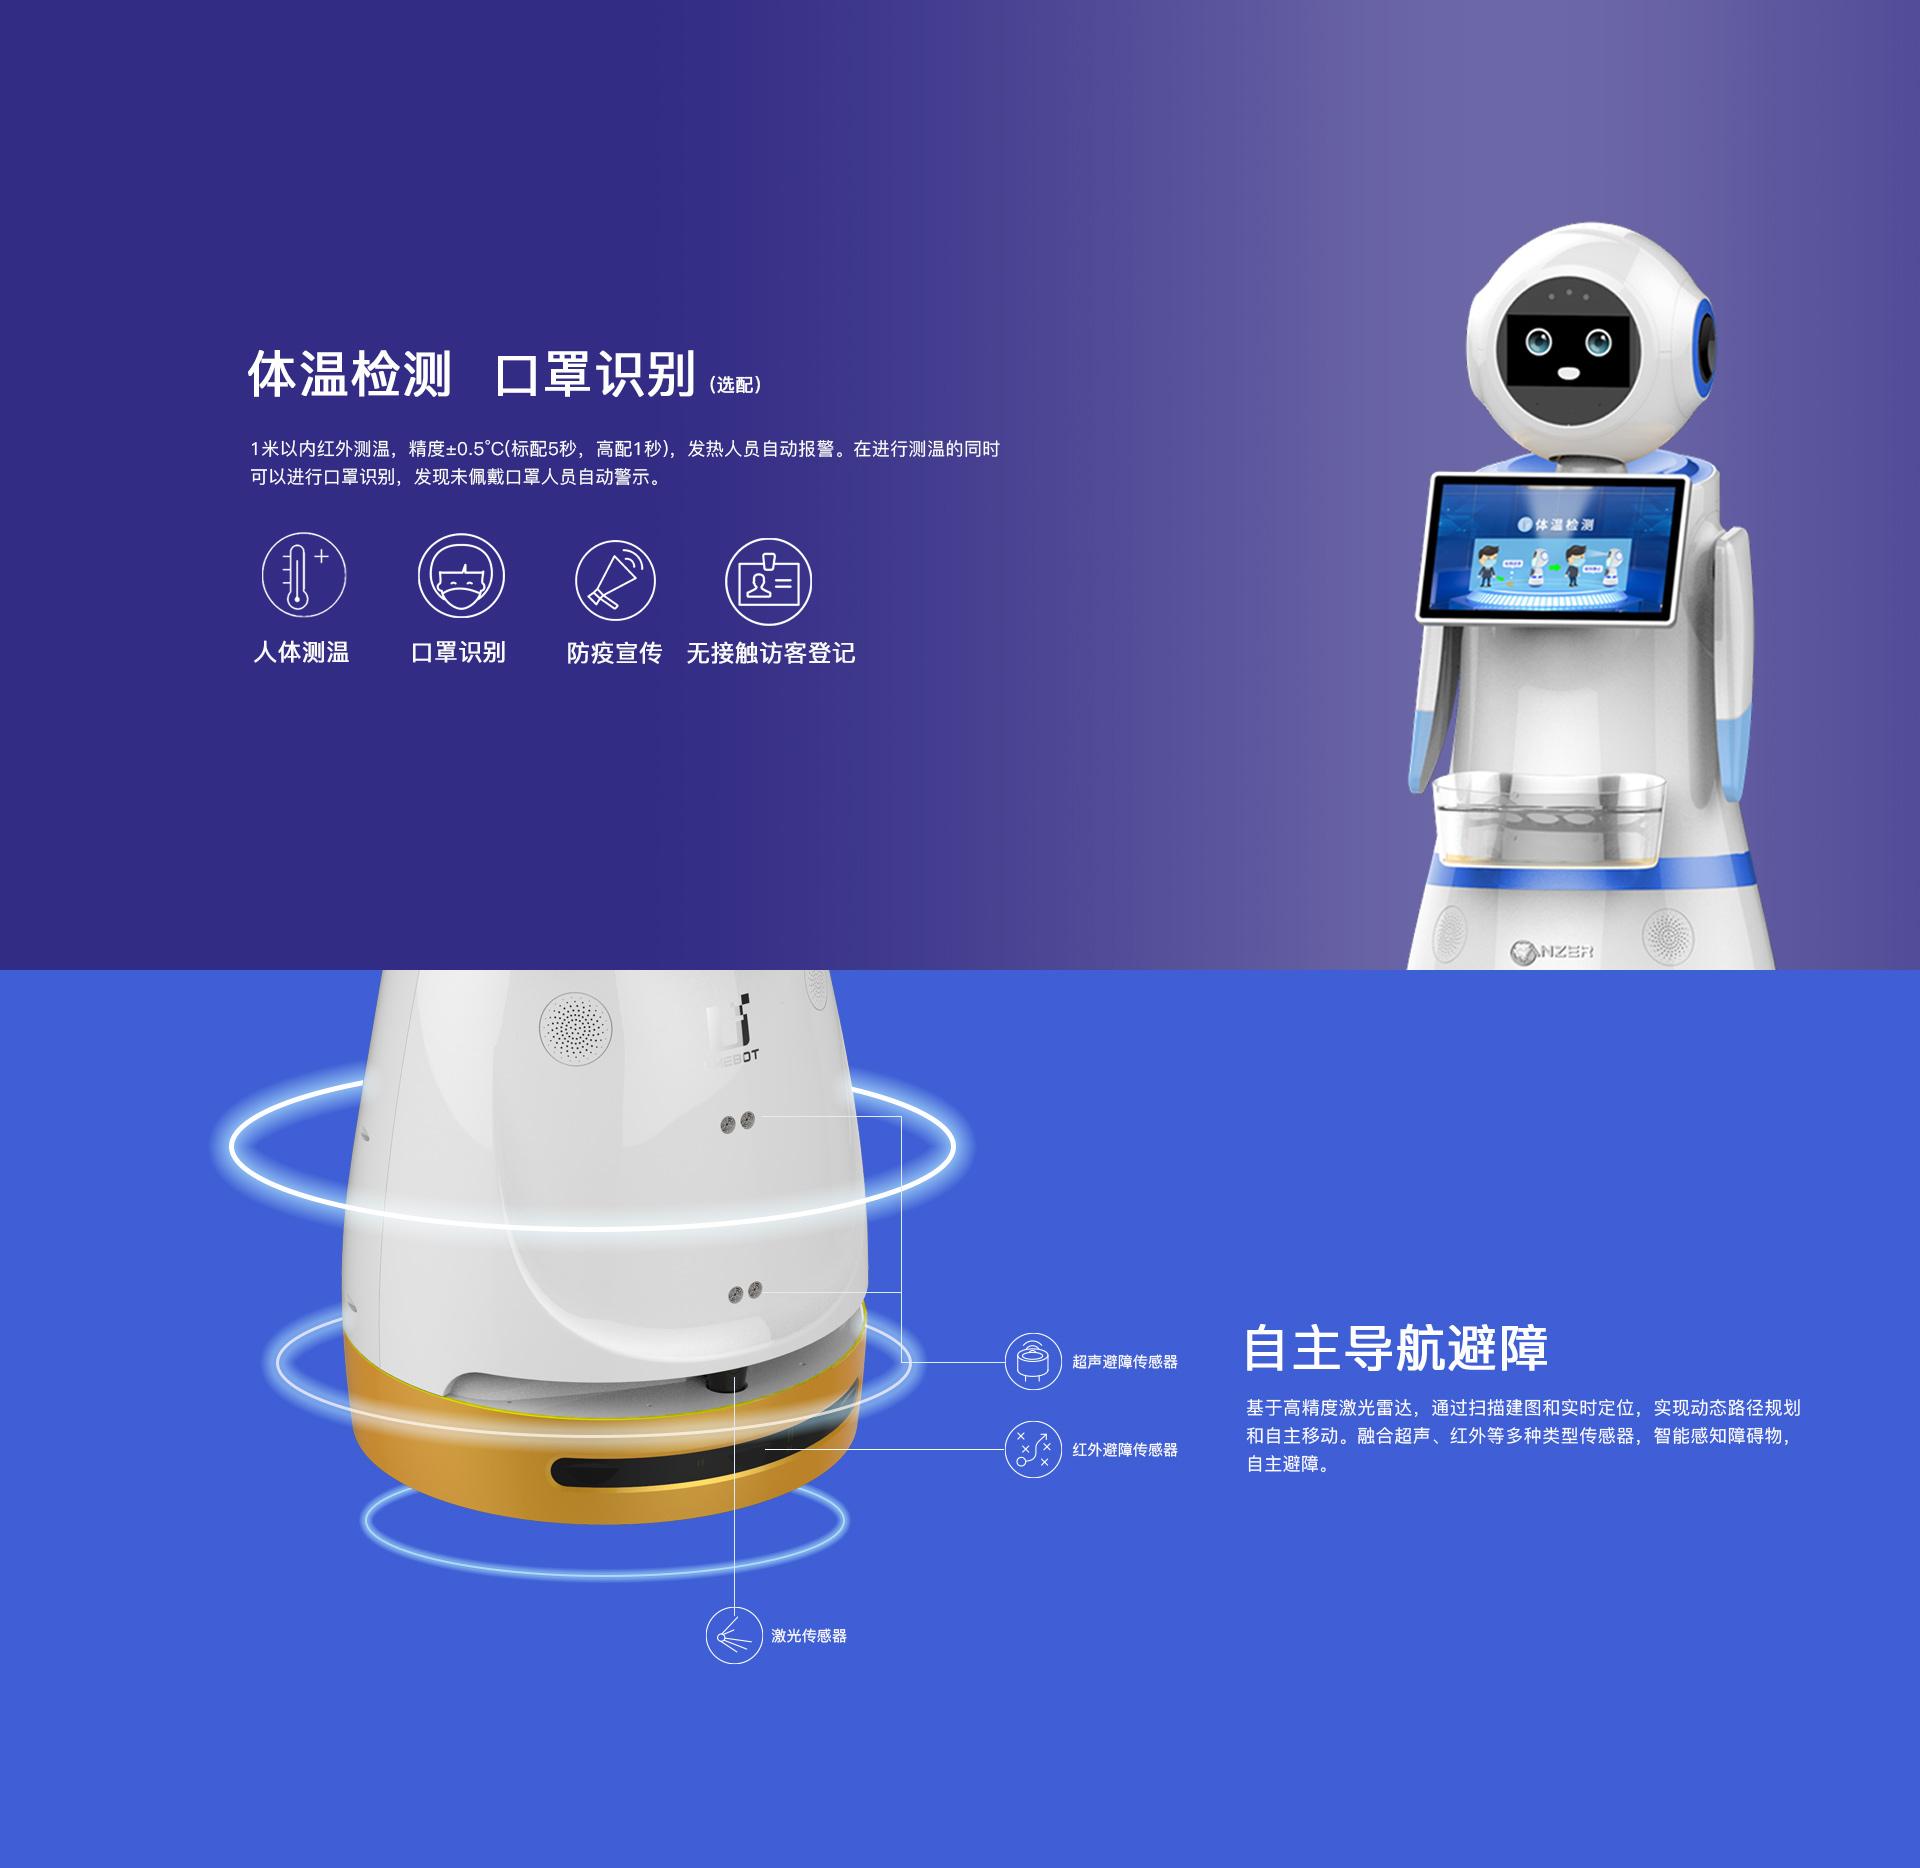 安優米商用服務機器人 I